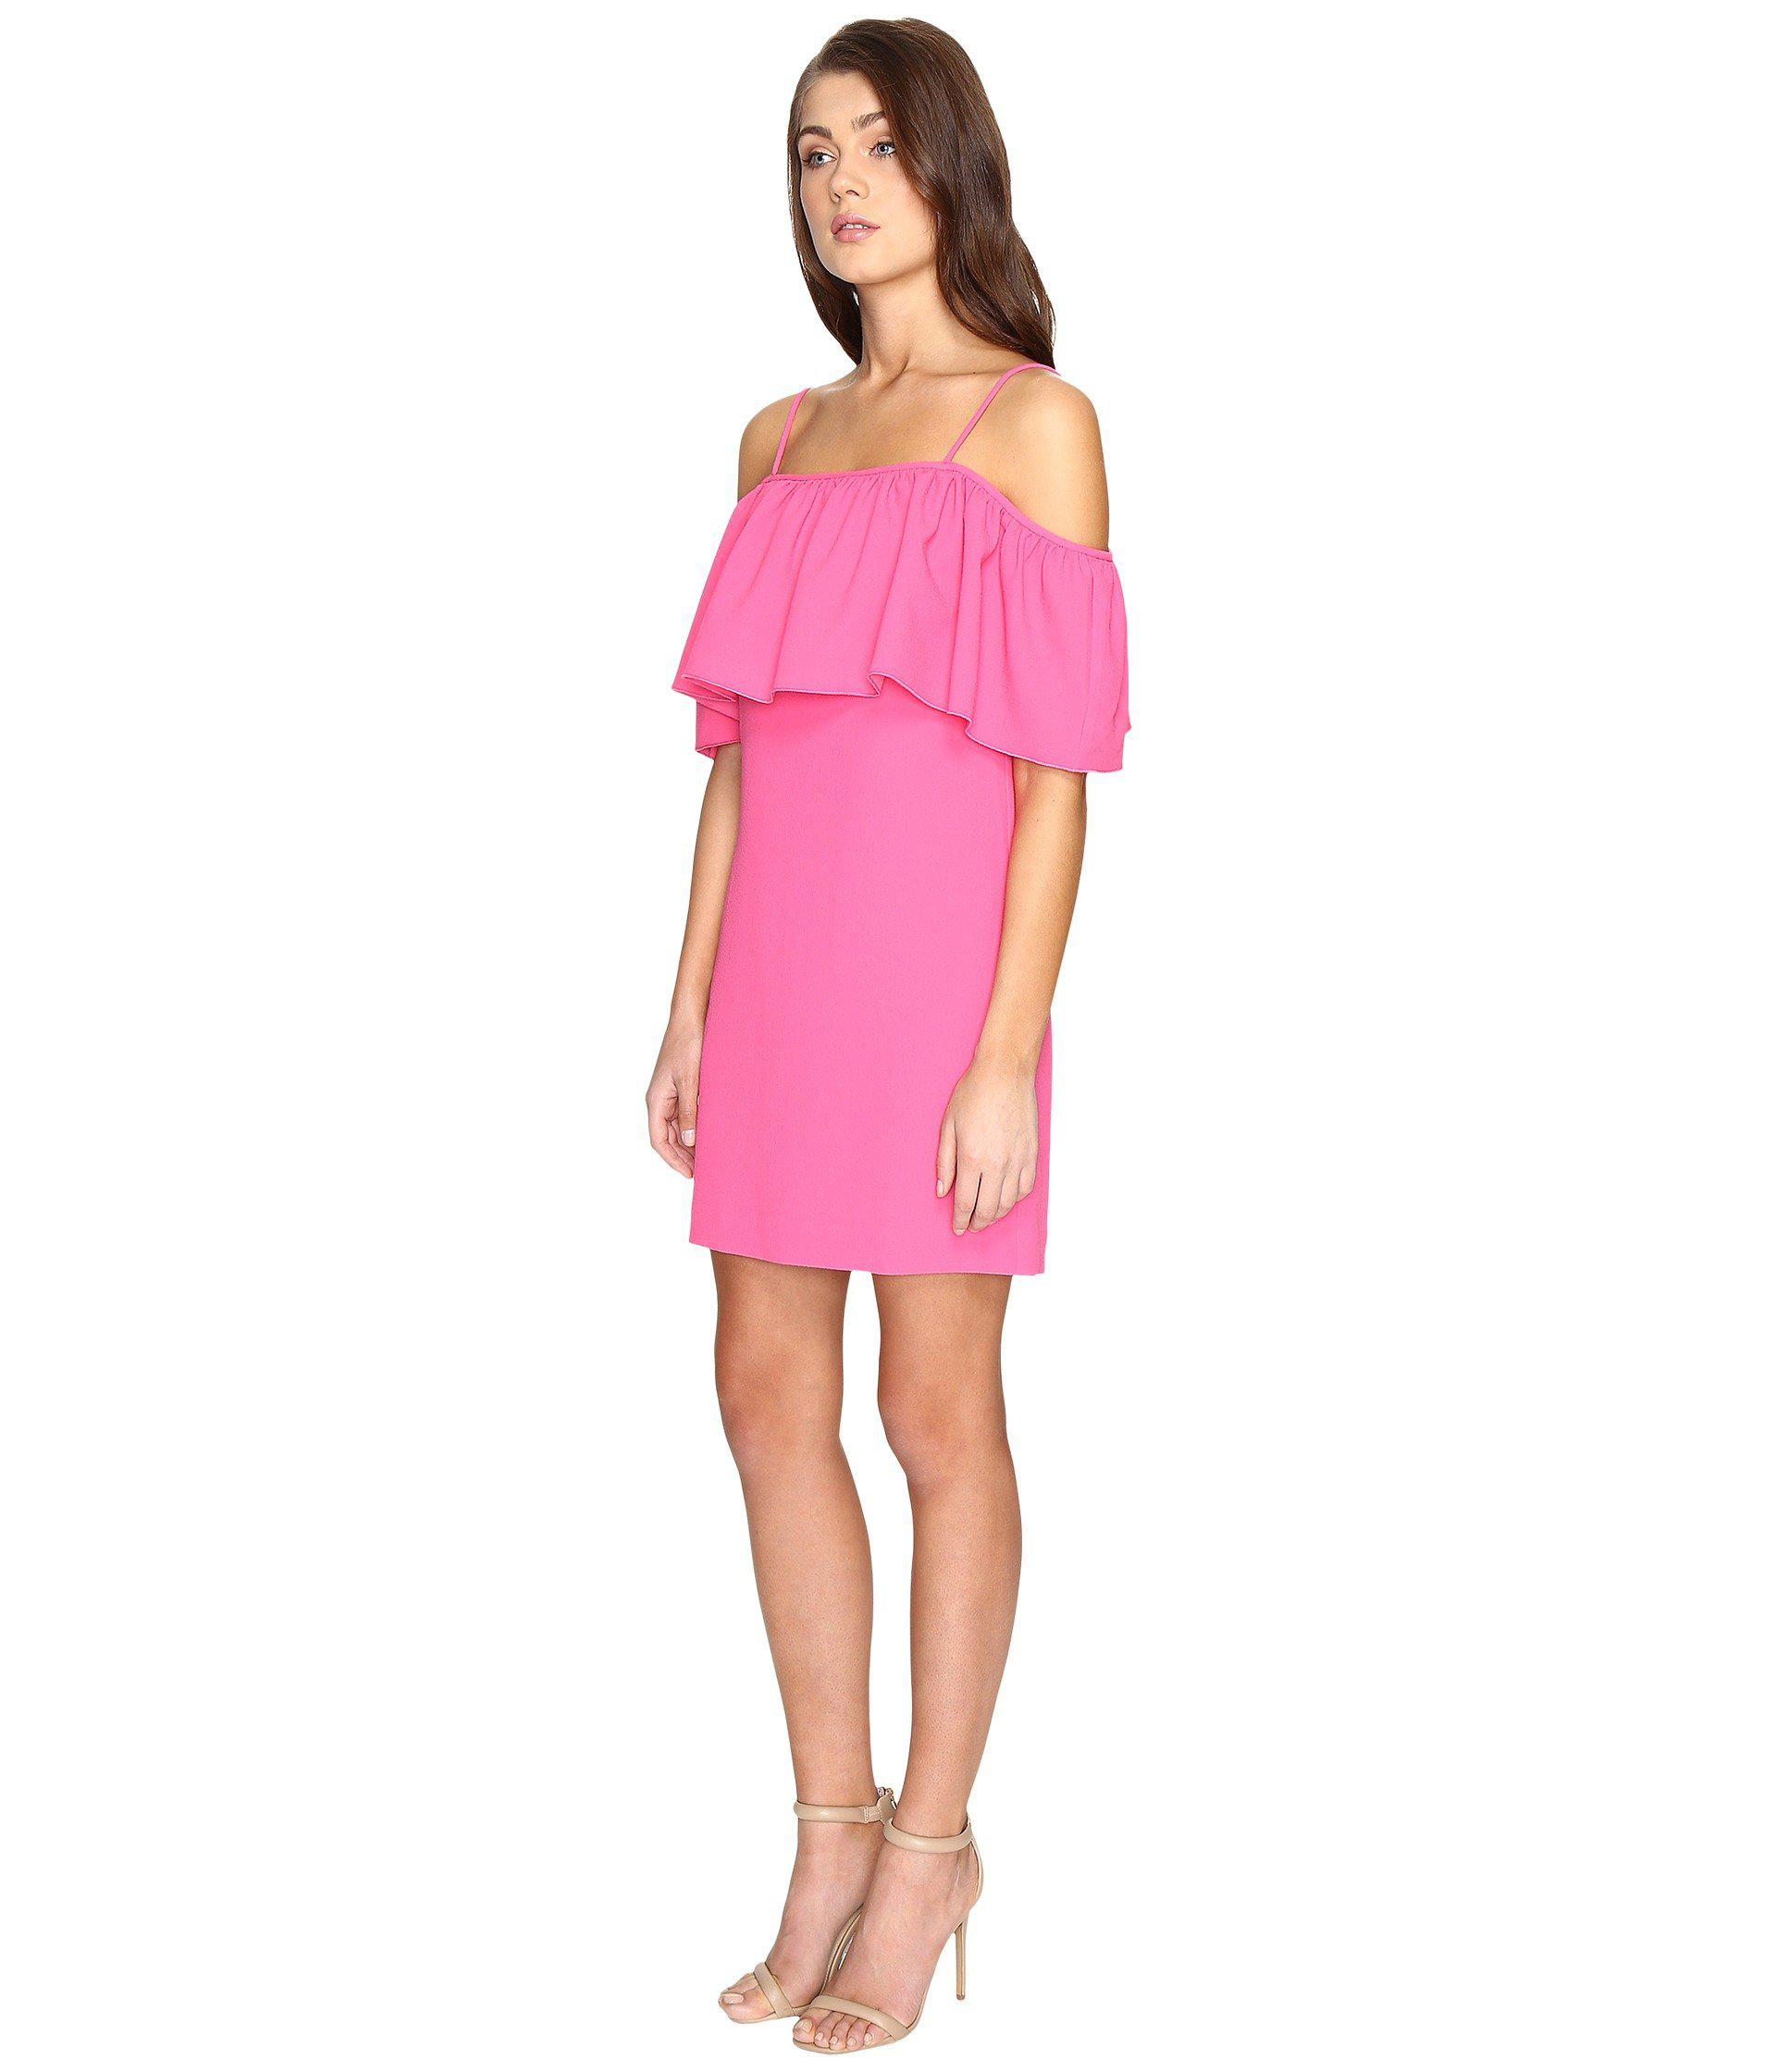 fd698a25f407 Lyst - Trina Turk Aloha Dress in Pink